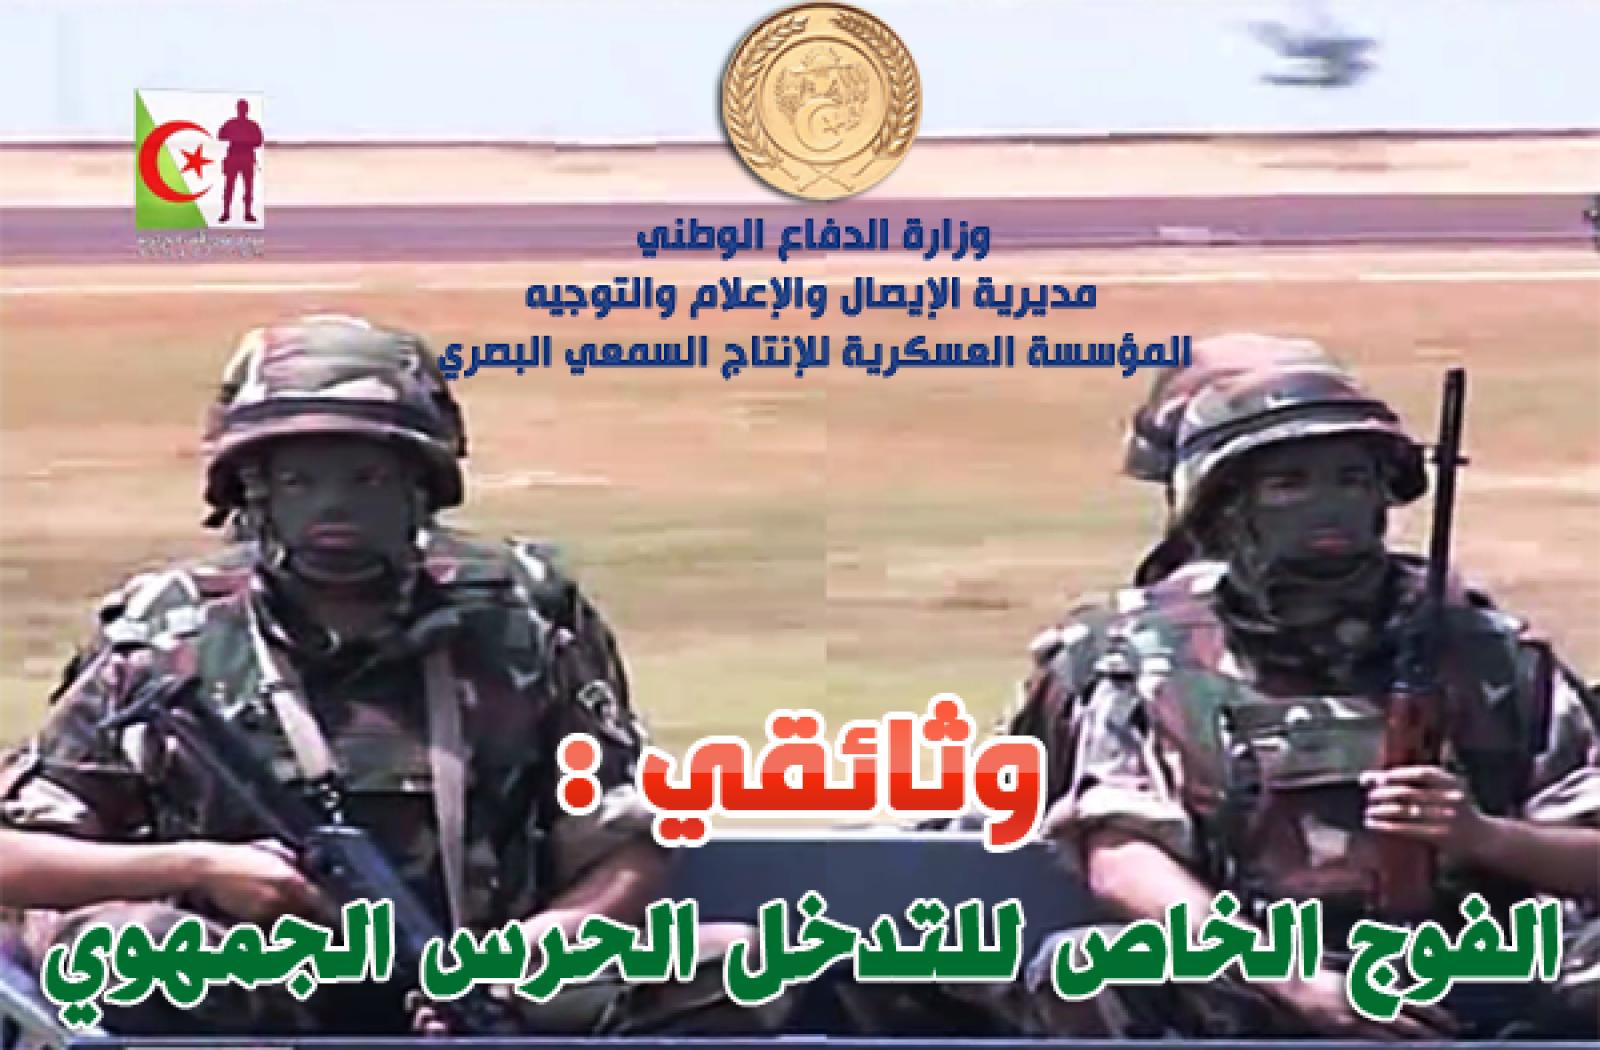 الصناعة العسكرية الجزائرية ... مدرعات ( فوكس 2 ) - صفحة 3 7978201165945212061665294096094392787506828799339n